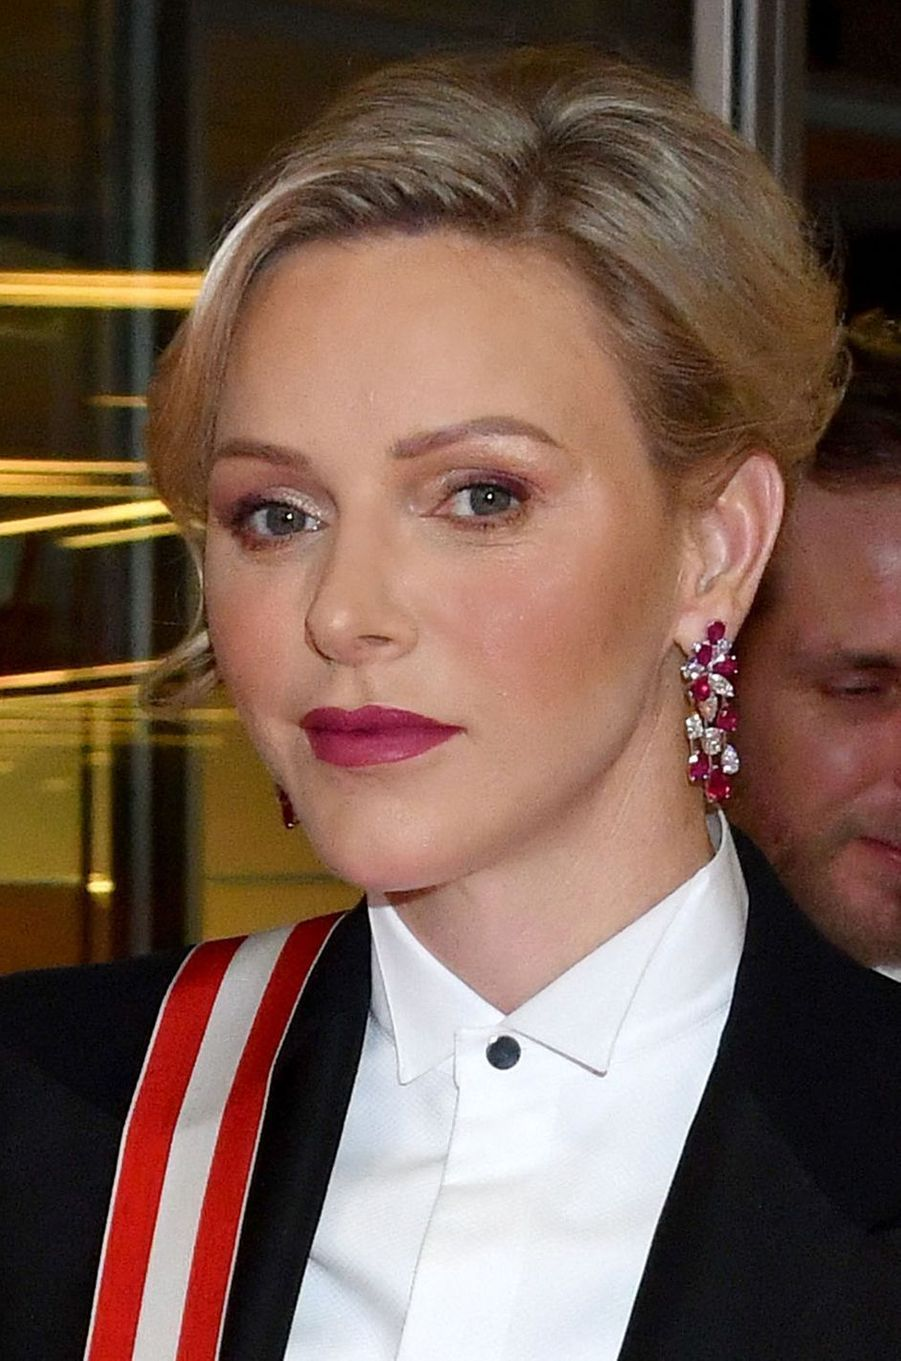 Les boucles d'oreilles de la princesse Charlène de Monaco à Monaco, le 19 novembre 2019